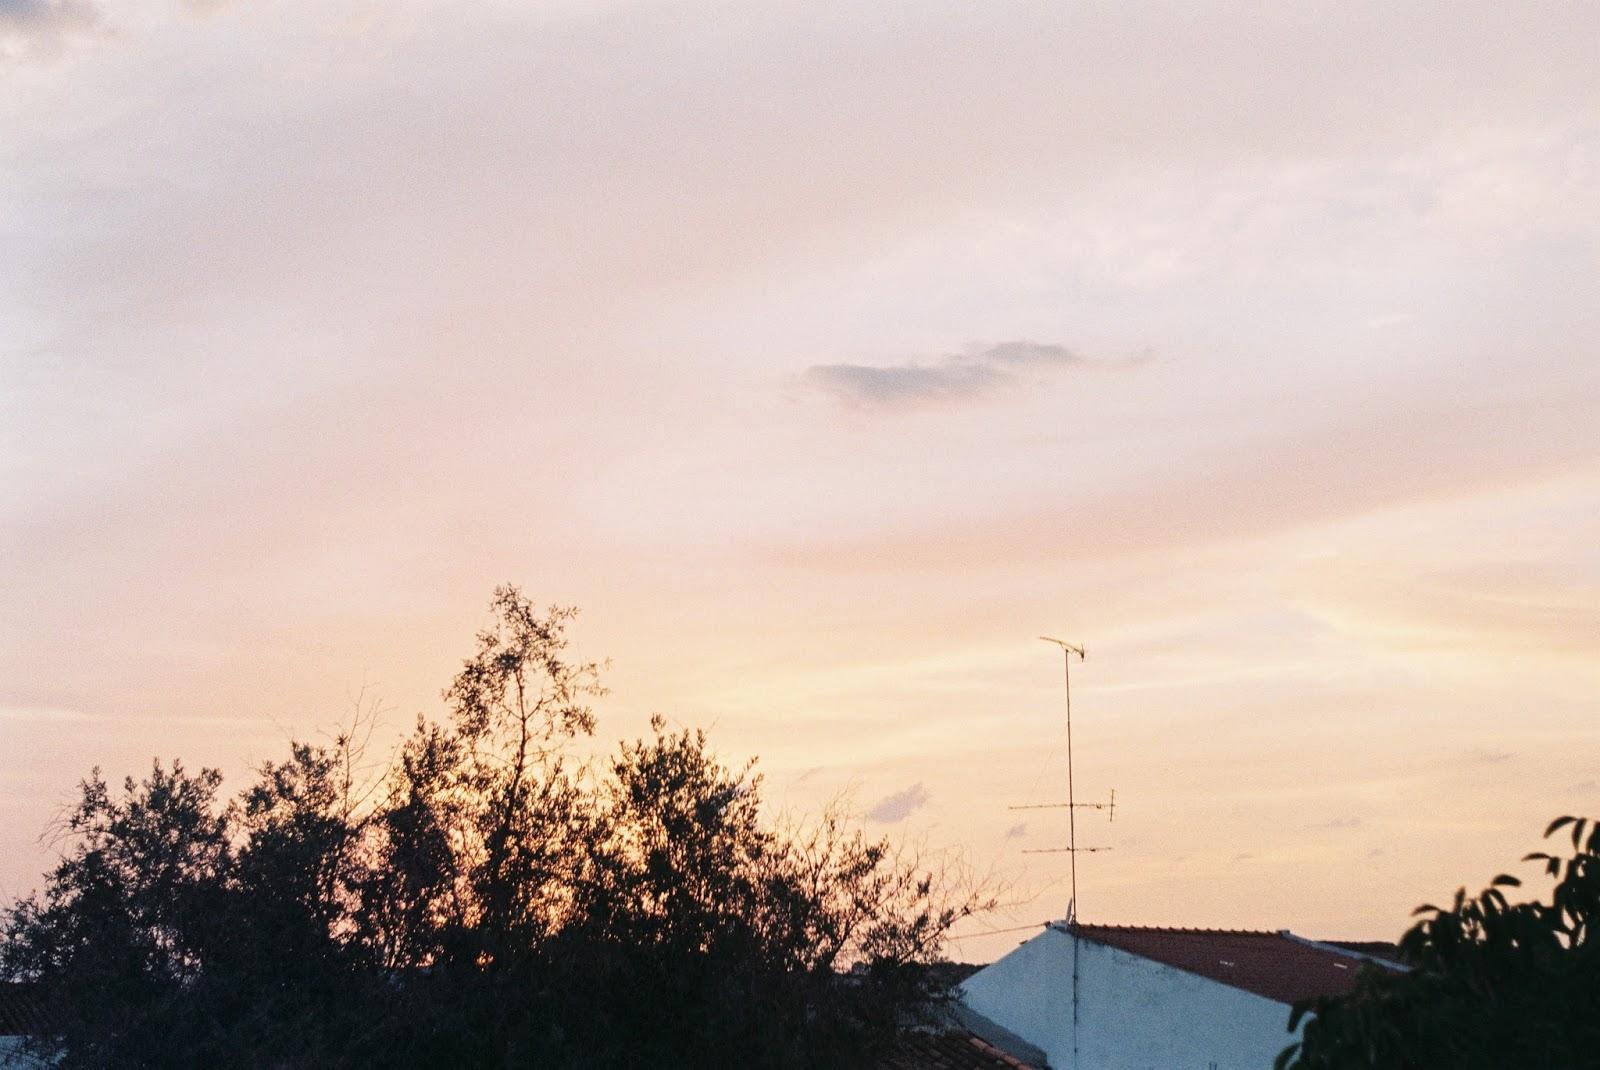 Alentejo Travel Guide - Landscapes & Sunsets | oandrajos.blogspot.co.uk